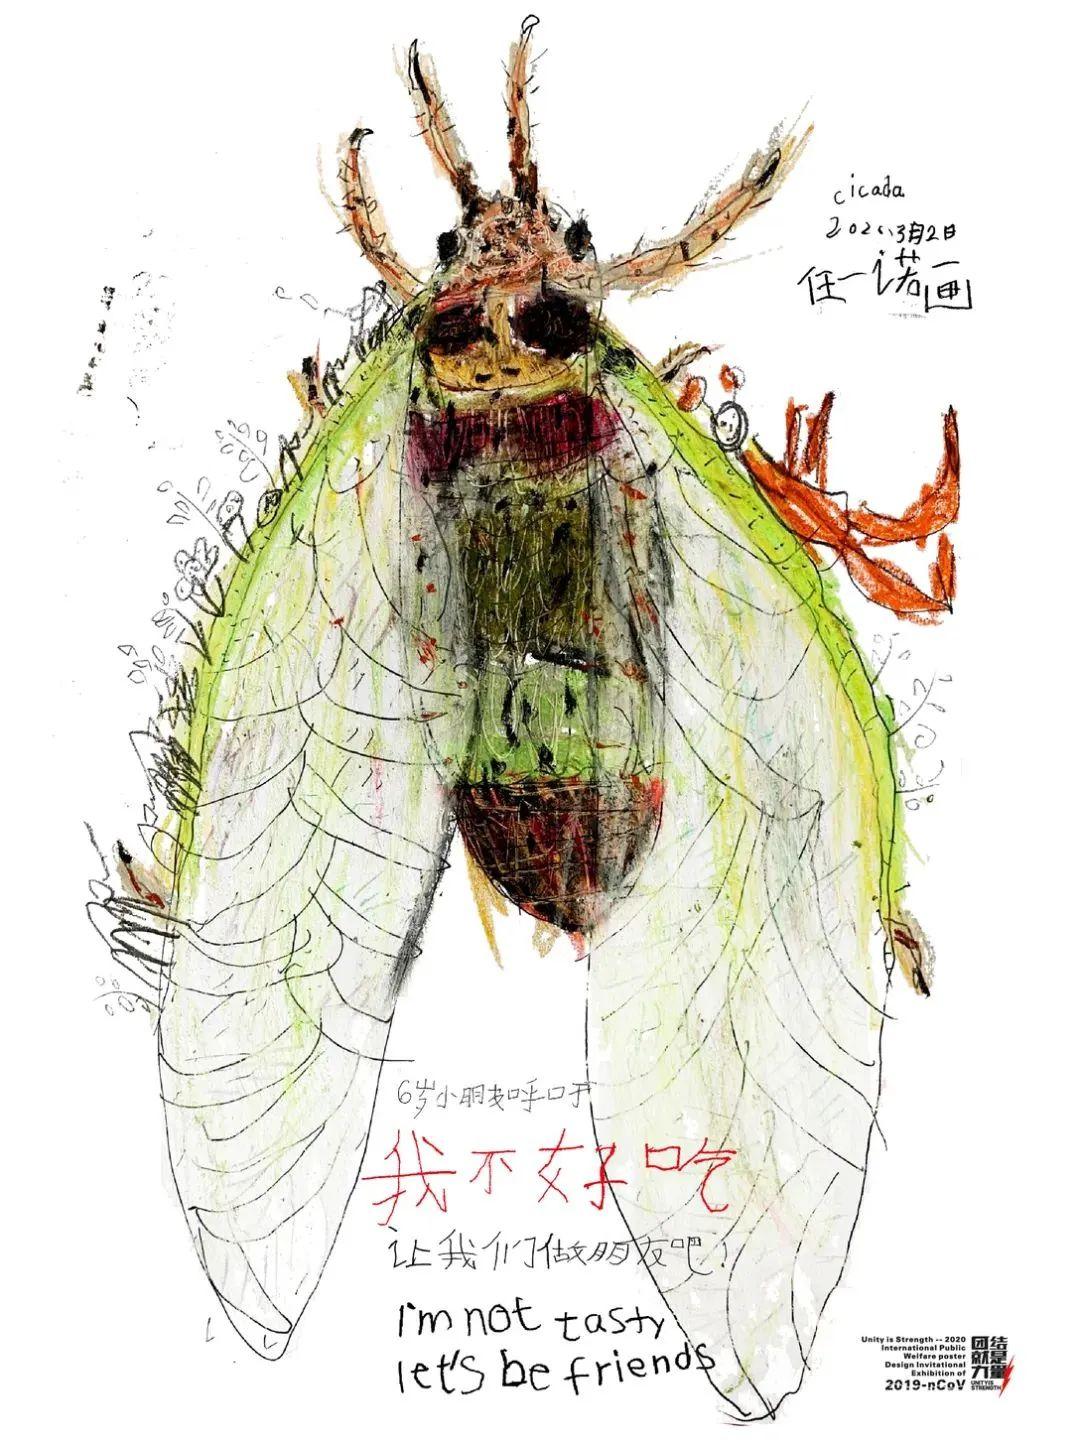 6岁蒙古族小设计师用插画拯救野生动物,为抗疫助力! 第34张